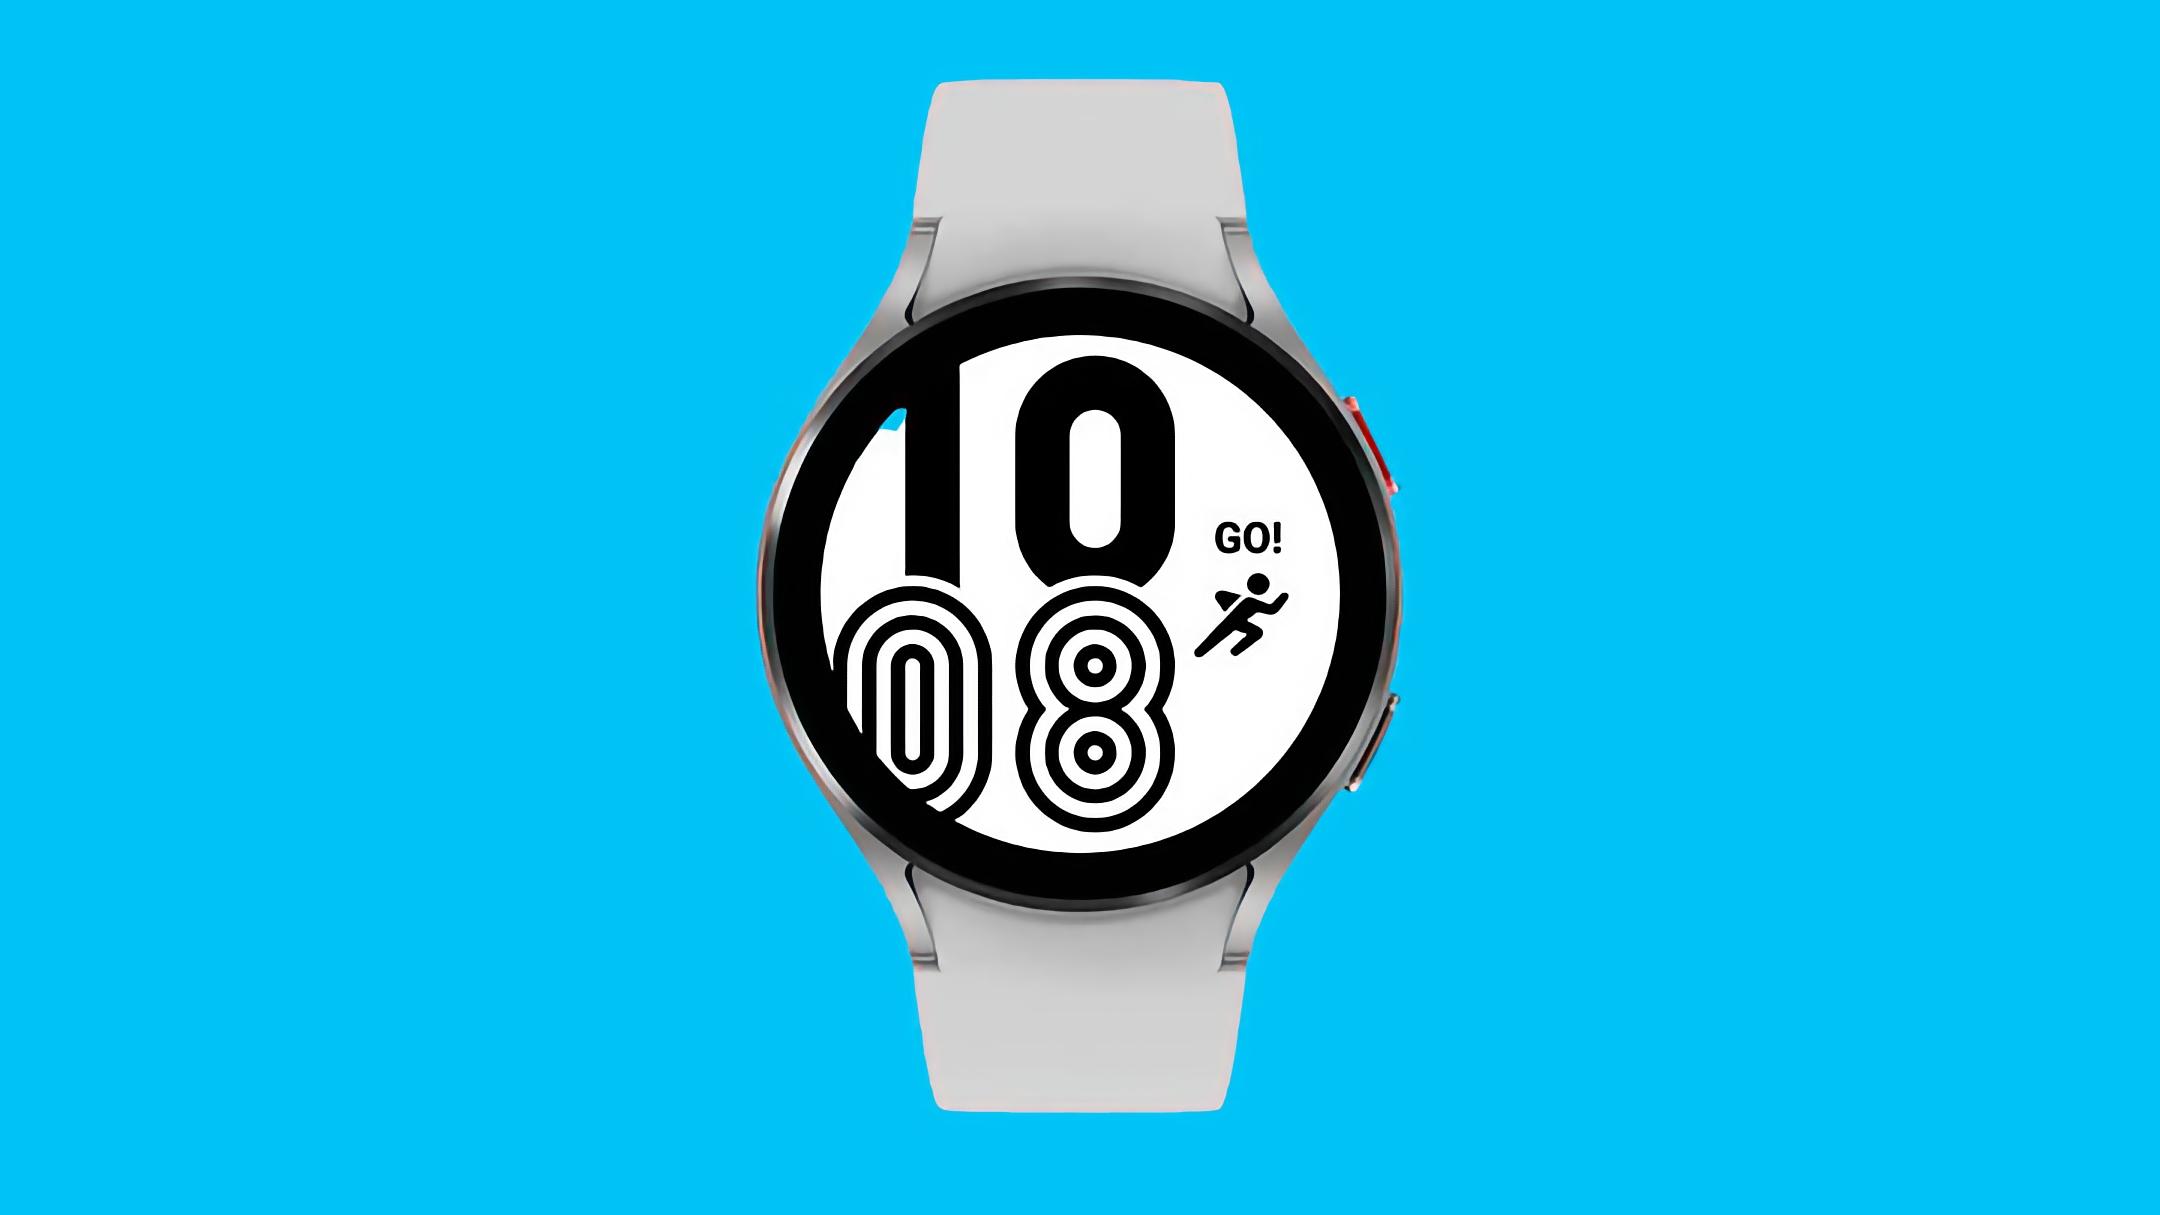 Смарт-часы Galaxy Watch 4 и Galaxy Watch 4 Classic получили новое обновление ПО: что добавили и когда ждать прошивку